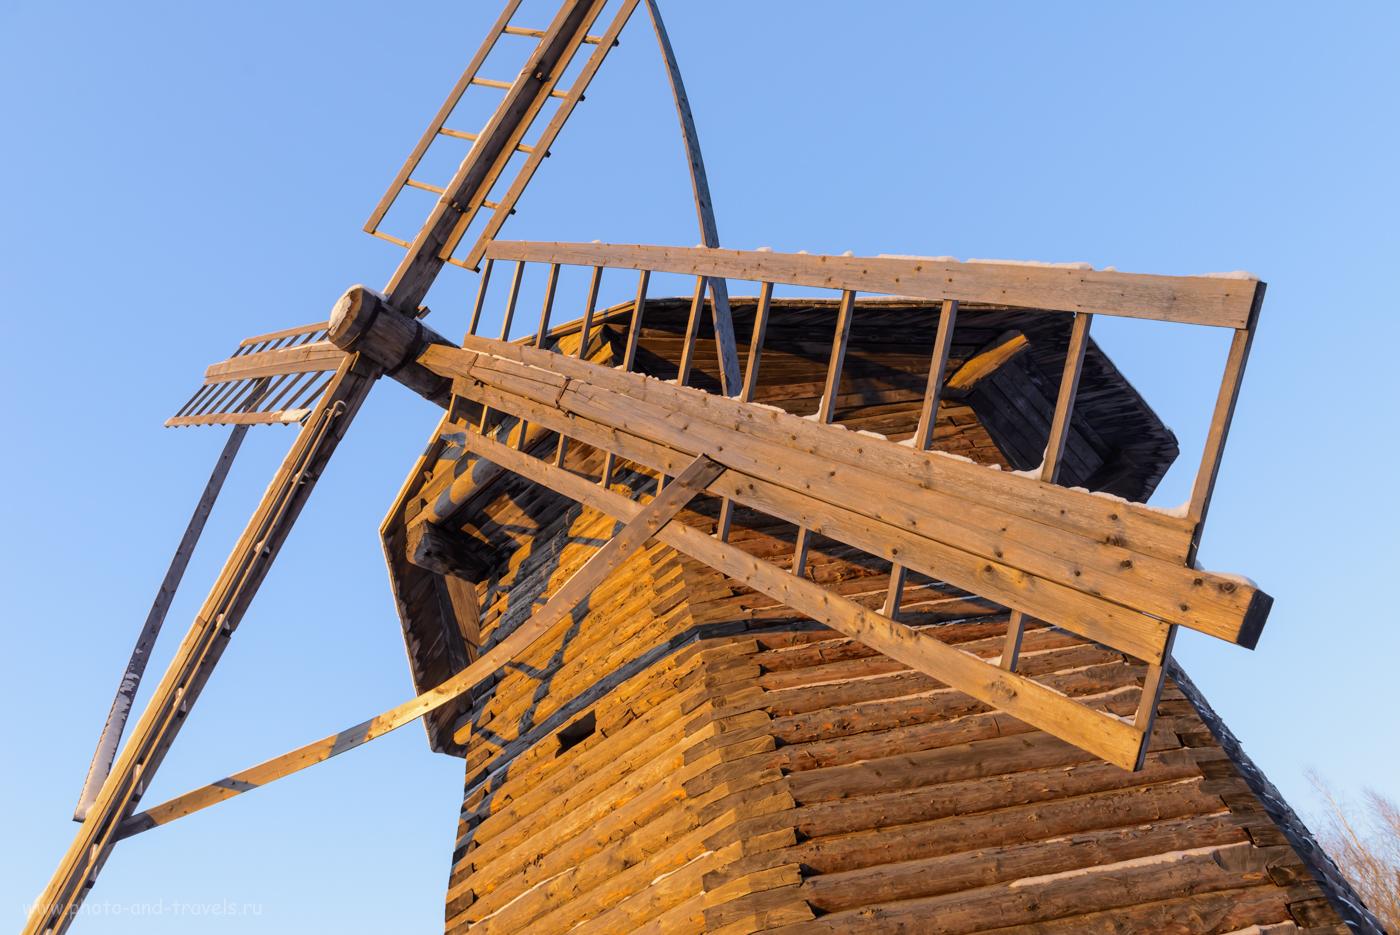 """Фото 7. Ветряная мельница в музее под открытым небом """"Хохловка"""". Куда поехать на выходные из Перми. 1/80, 0.33, 320, 24."""